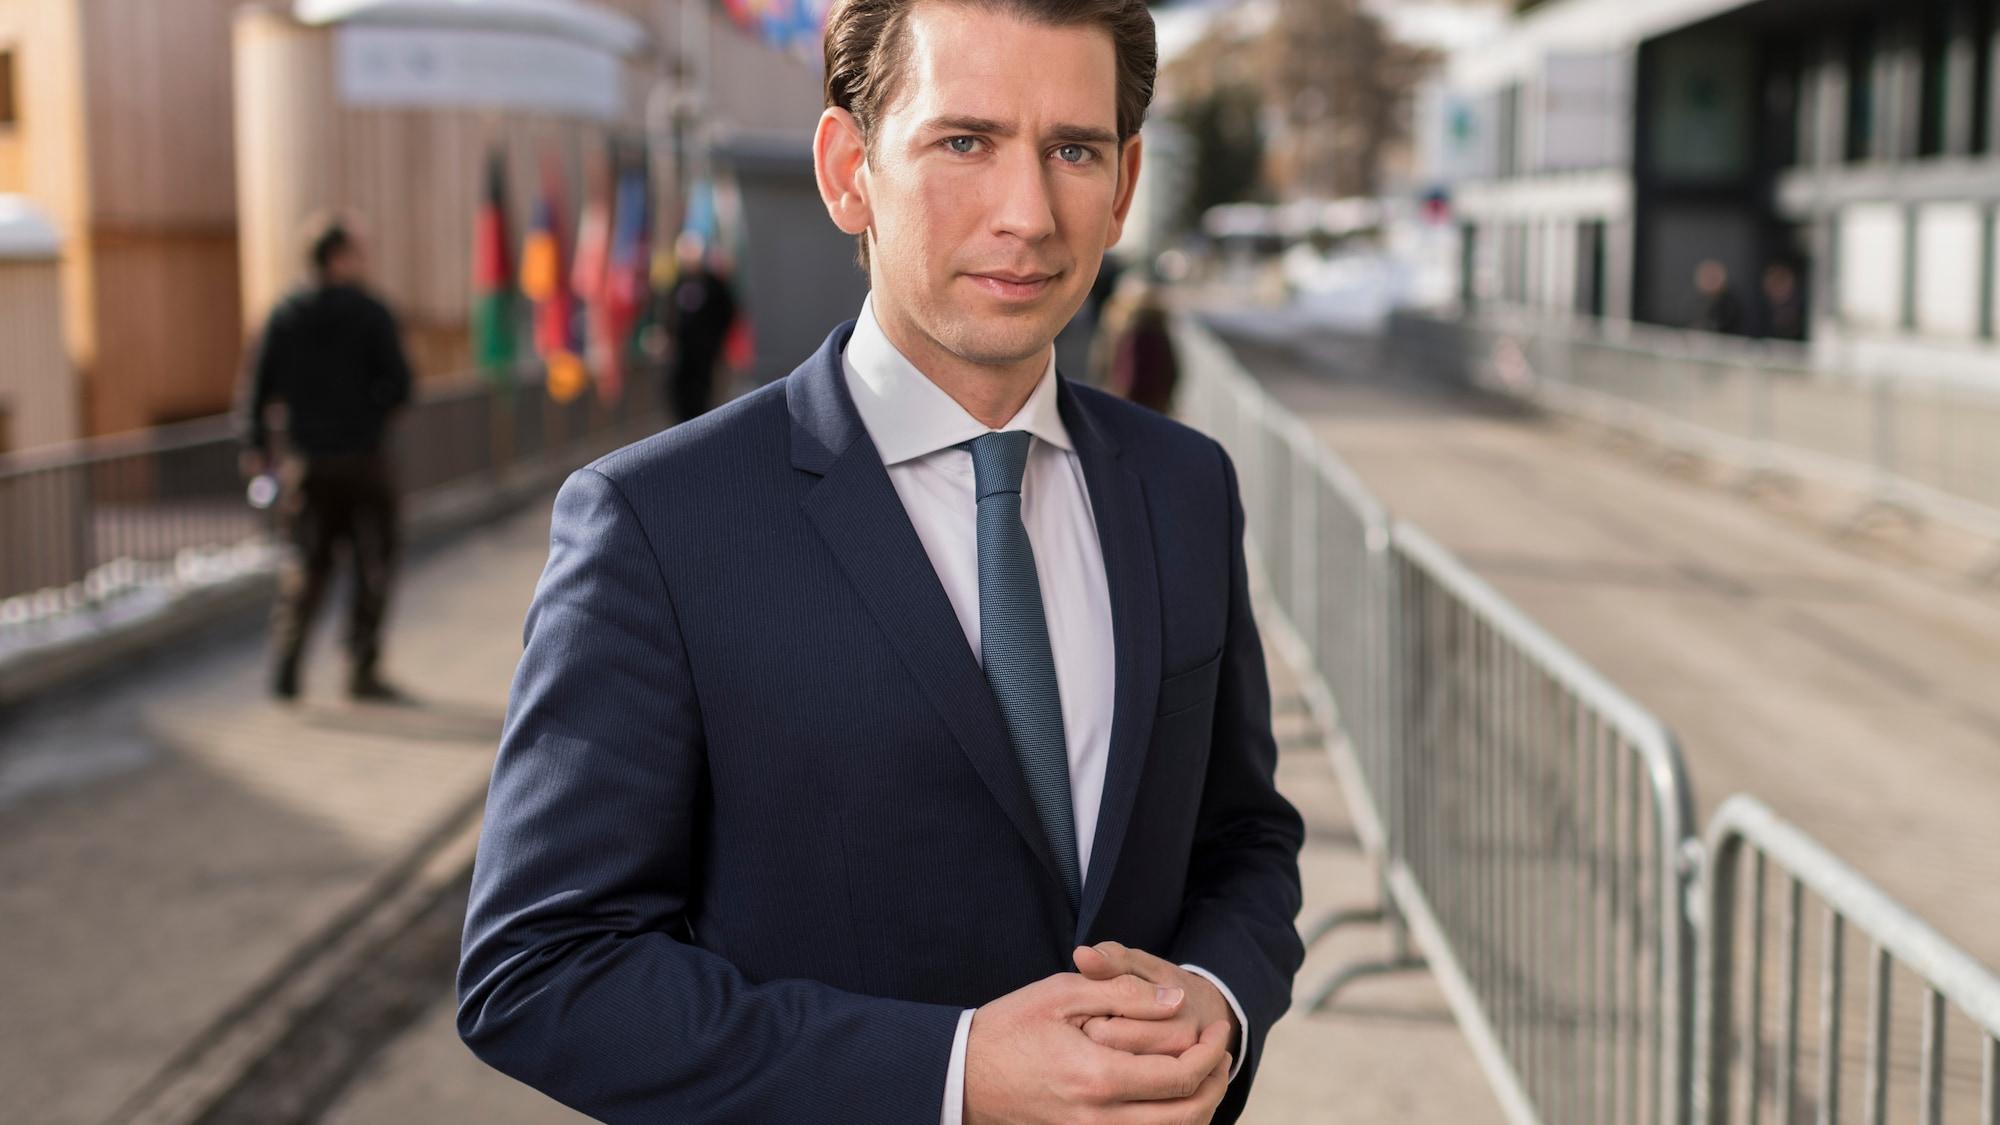 Ösi-Kanzler kurz im exklusiven BLICK-Interview: Konservativ und öko – geht das?